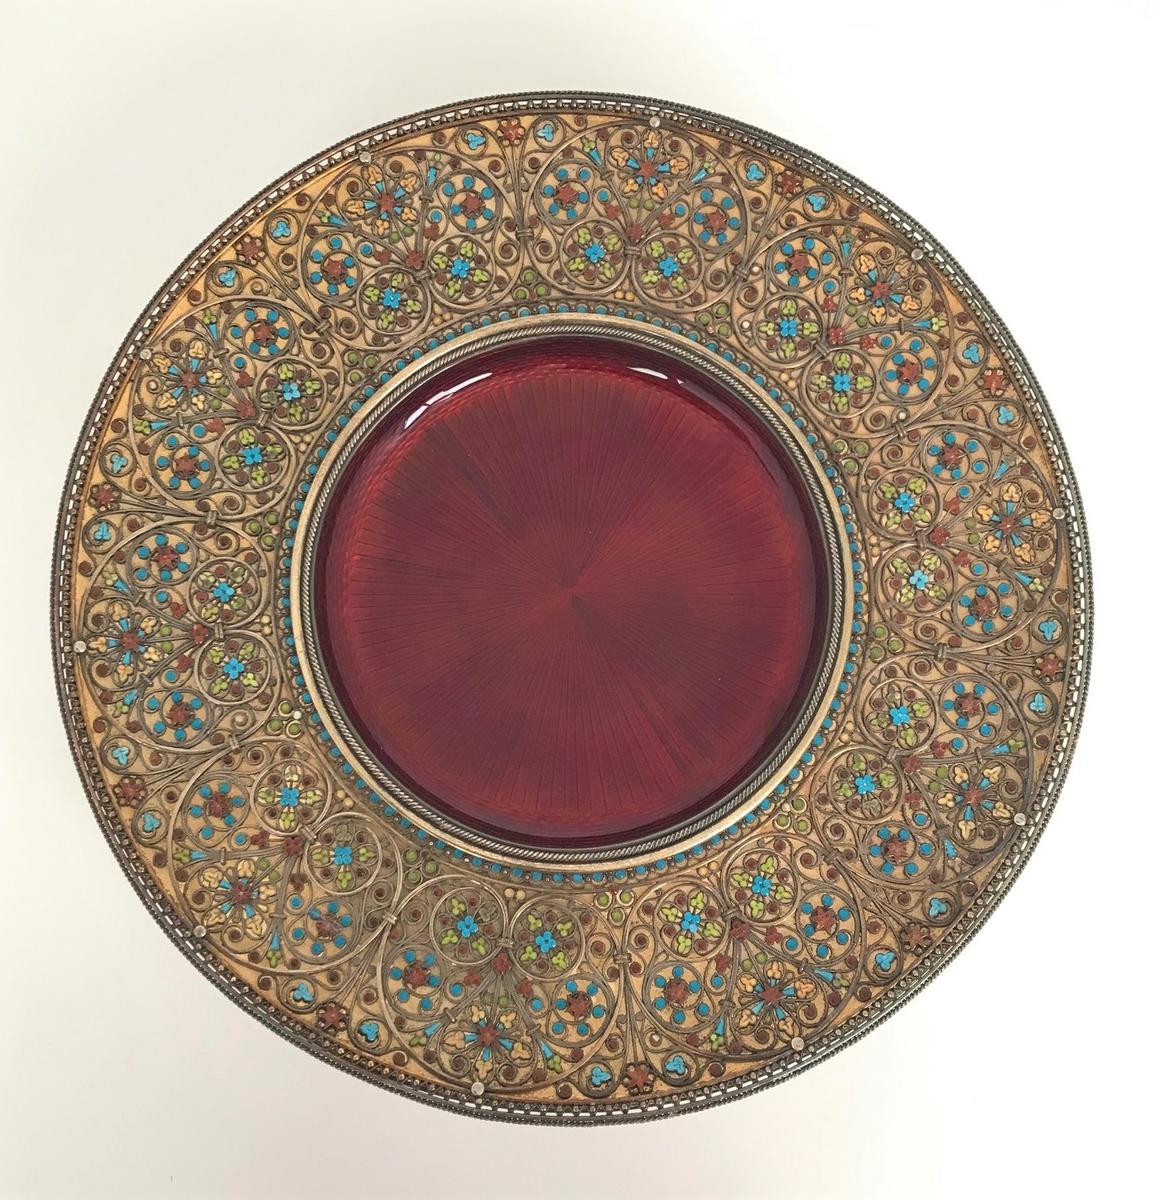 Et lavt sirkulært fat som hviler på en stett. Skålen er utført i forgylt sølv og emalje. Innsiden er gravert og dekket med speilemalje i en dyp rødfarge. Den brede kanten er overspunnet med et intrikat nyromansk rankeornament i patinert sølvfiligran. Mellom filigransarbeidet er flaten dekket med små rosetter og blader i grønn, rød, blå og gul emalje.